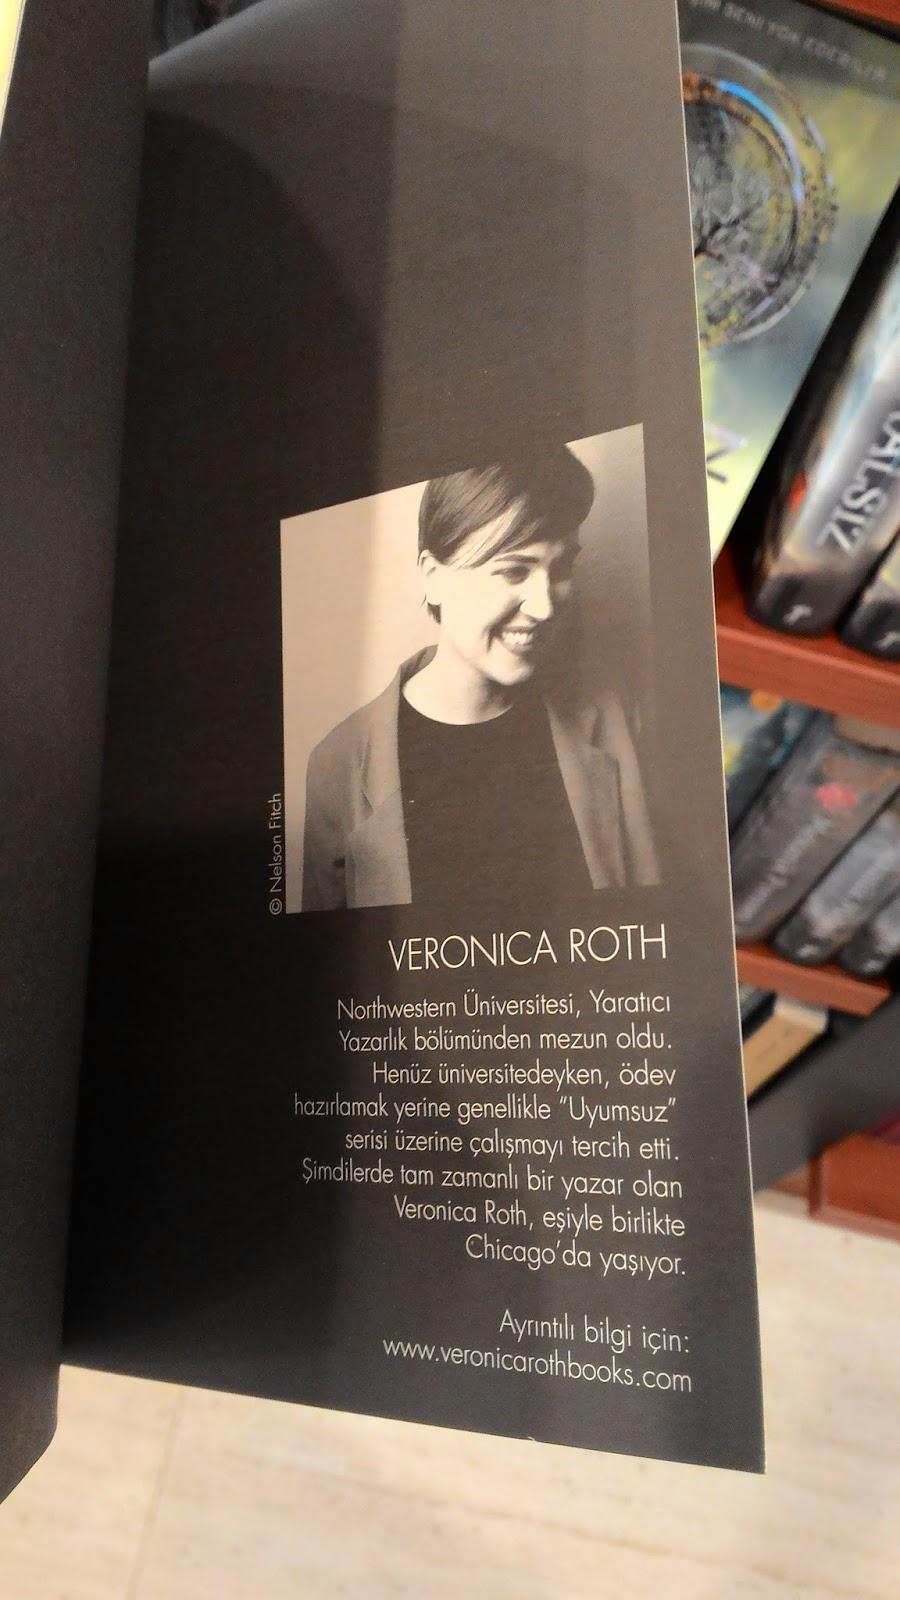 Veronica isminin anlamını biliyor musun